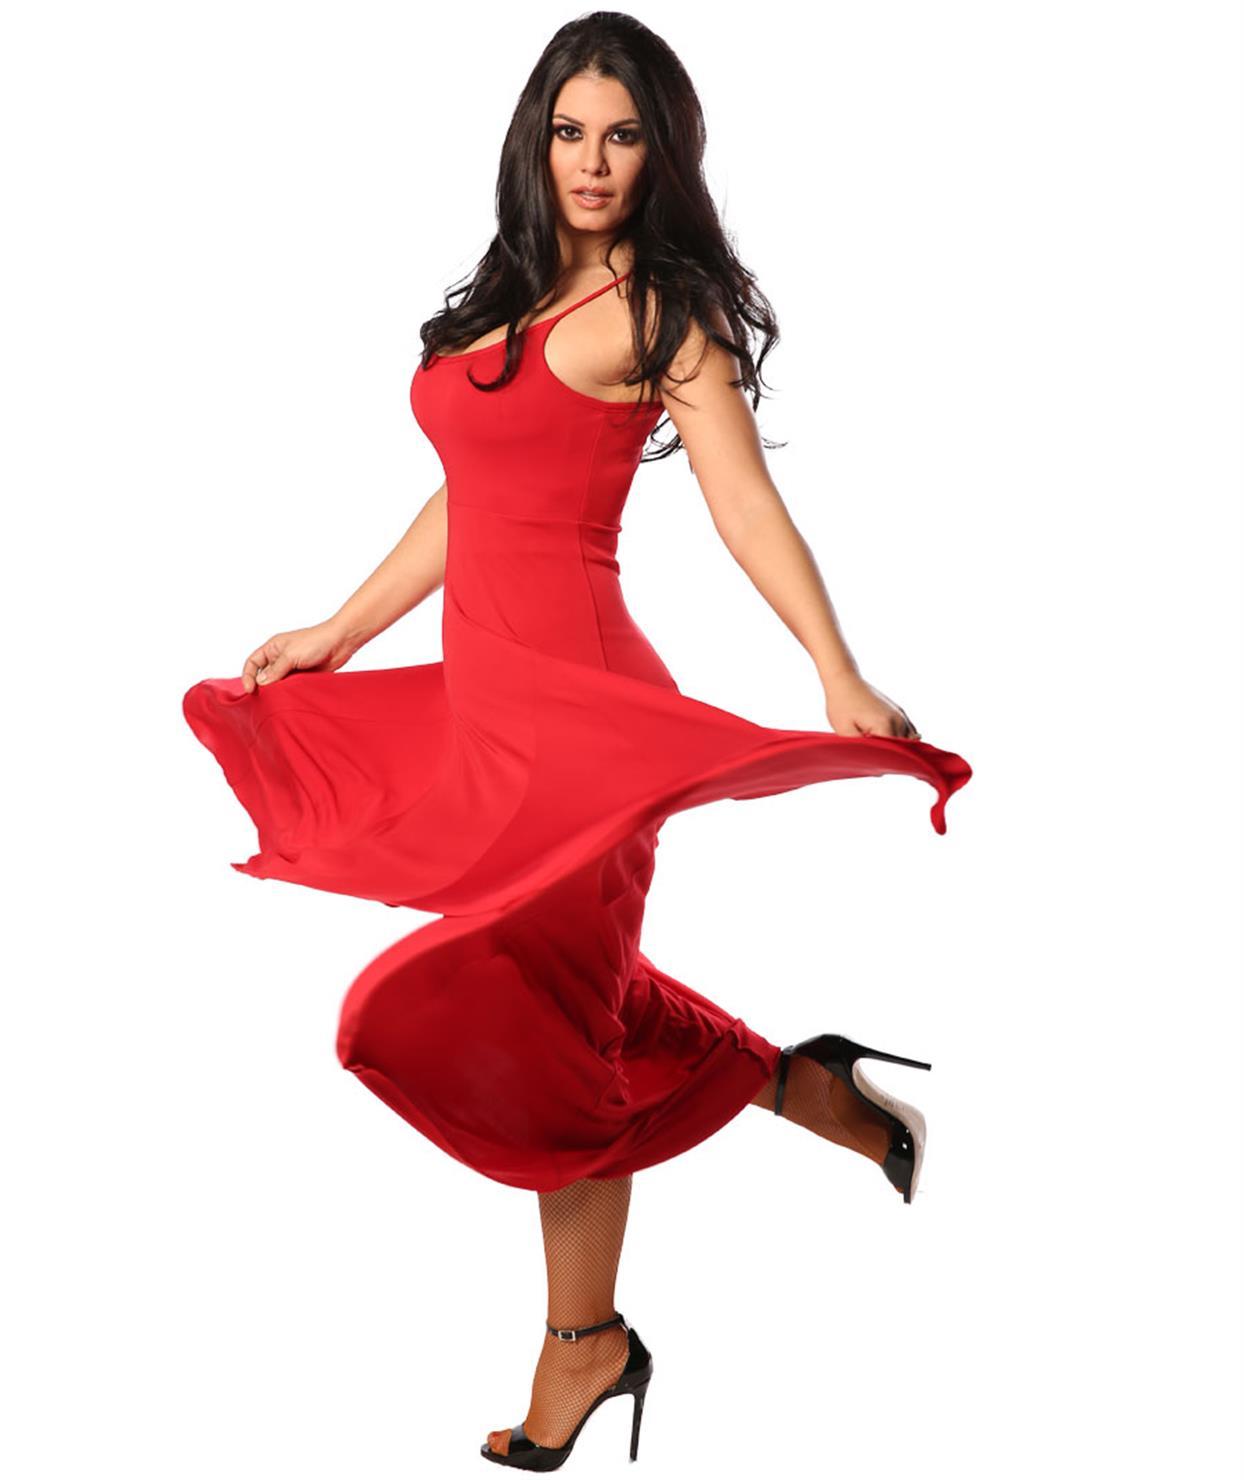 ΜΑΡΙΑ ΚΟΡΙΝΘΙΟΥ - DANCING WITH THE STARS 6